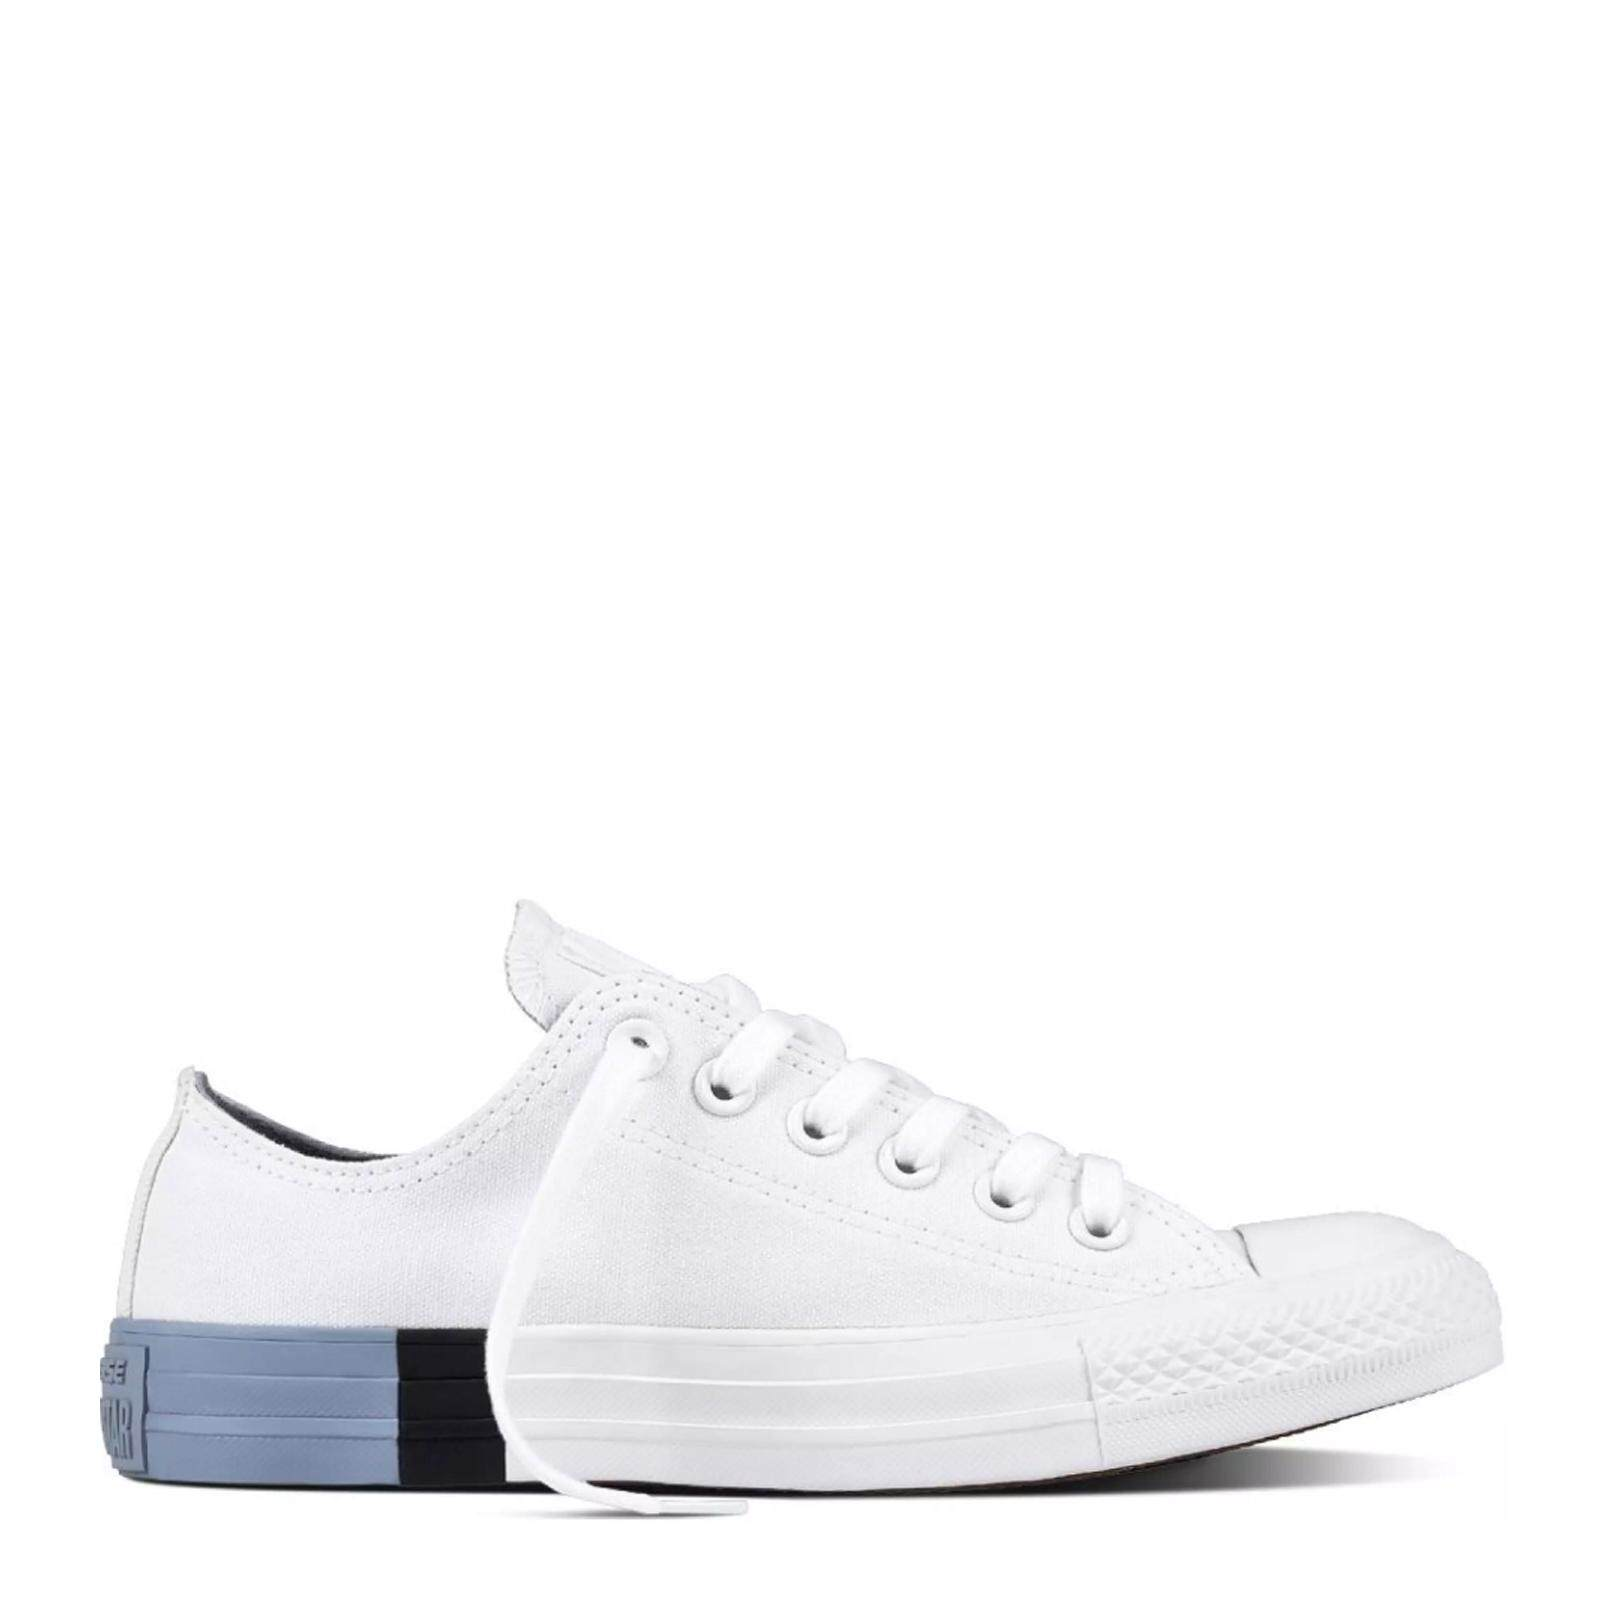 Converse Chuck Taylor All Star OX White Glacier Grey White